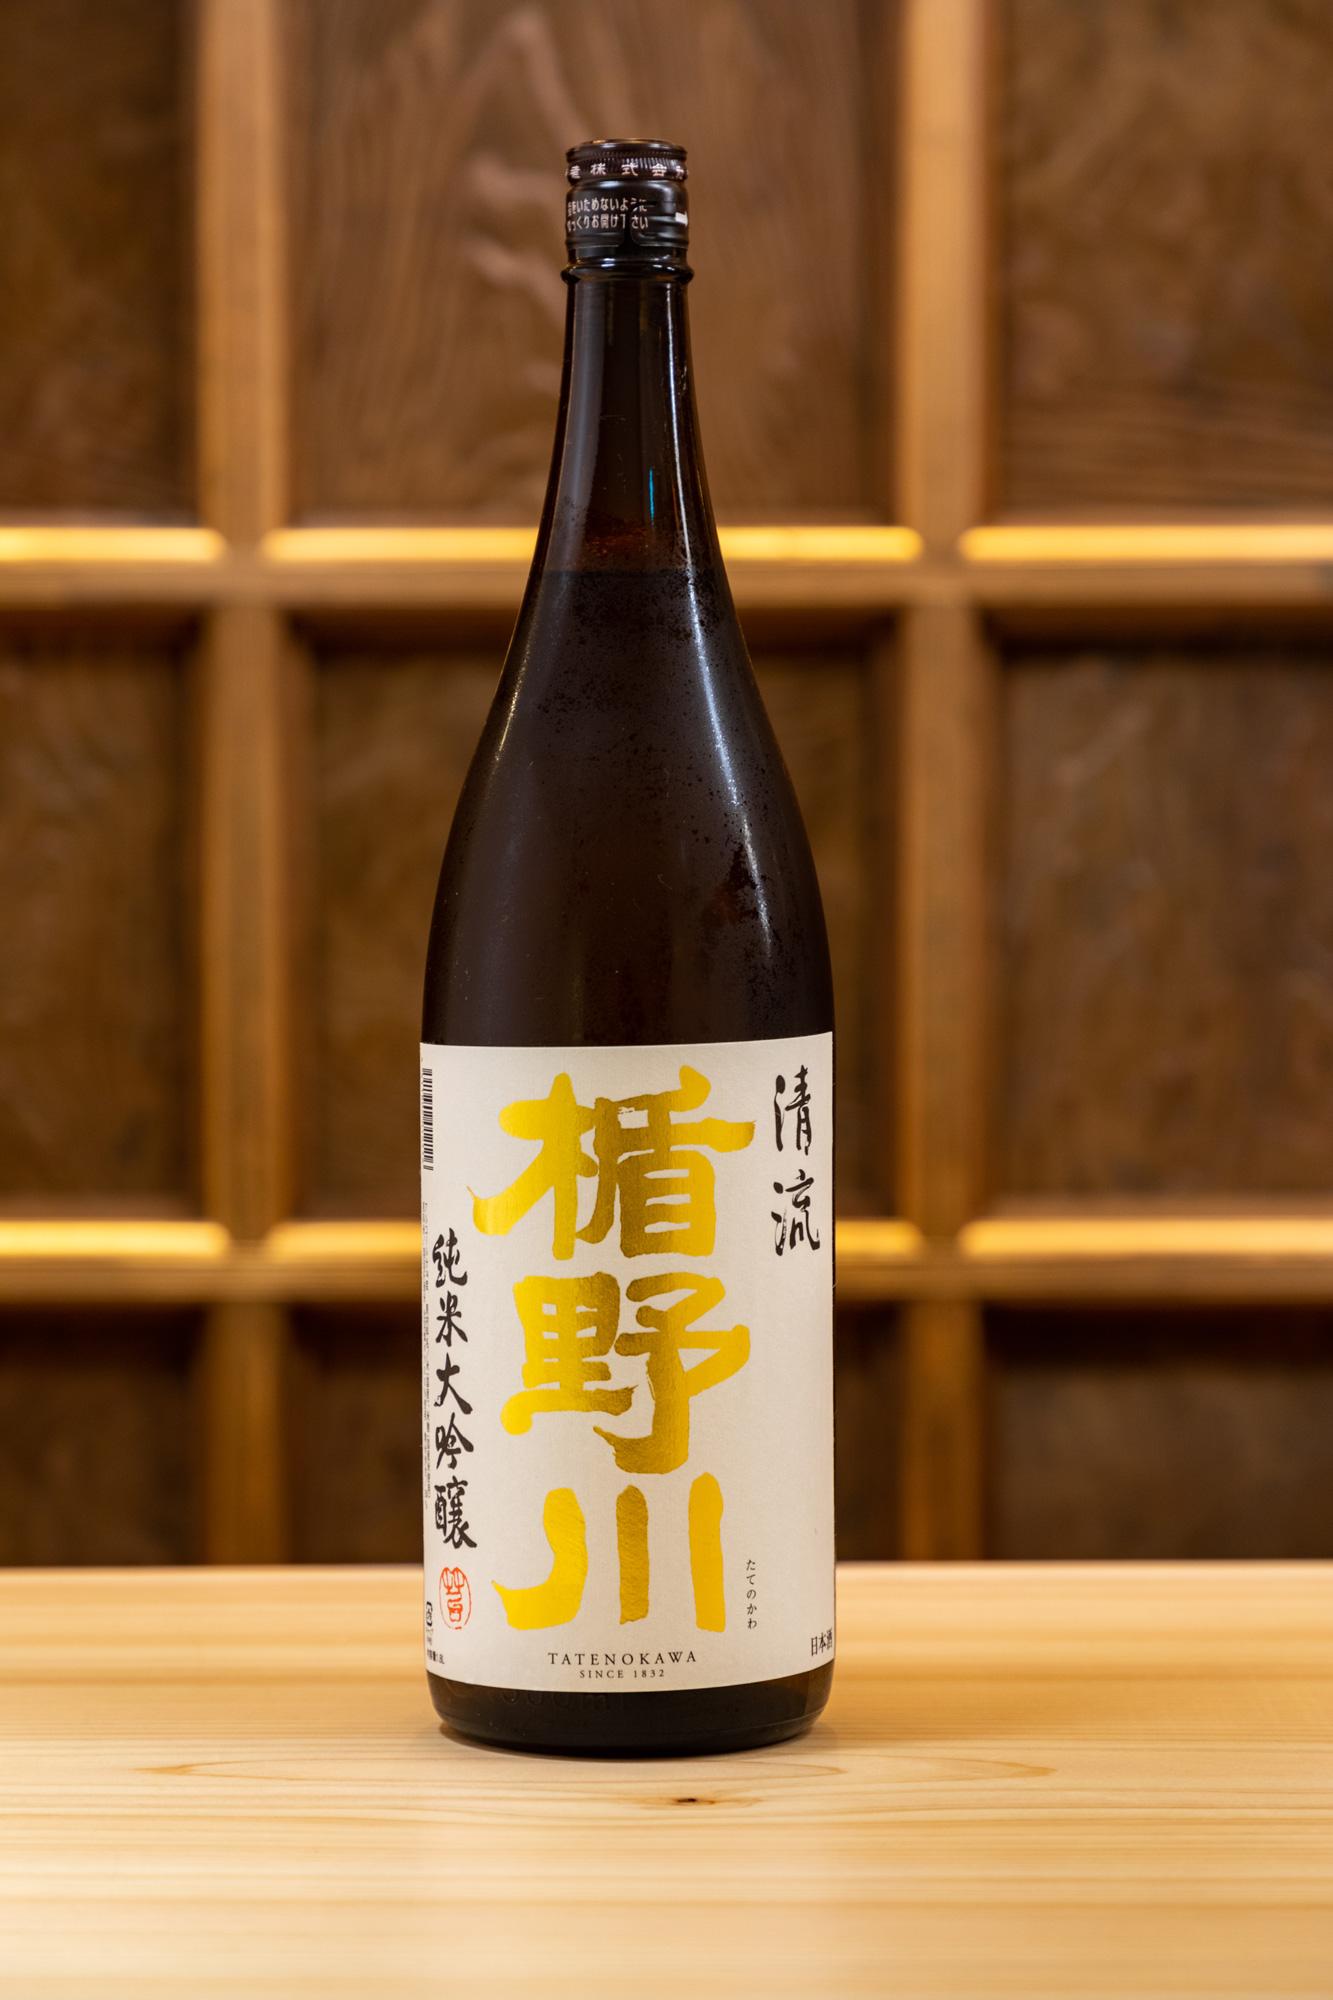 tatenokawaseiryu